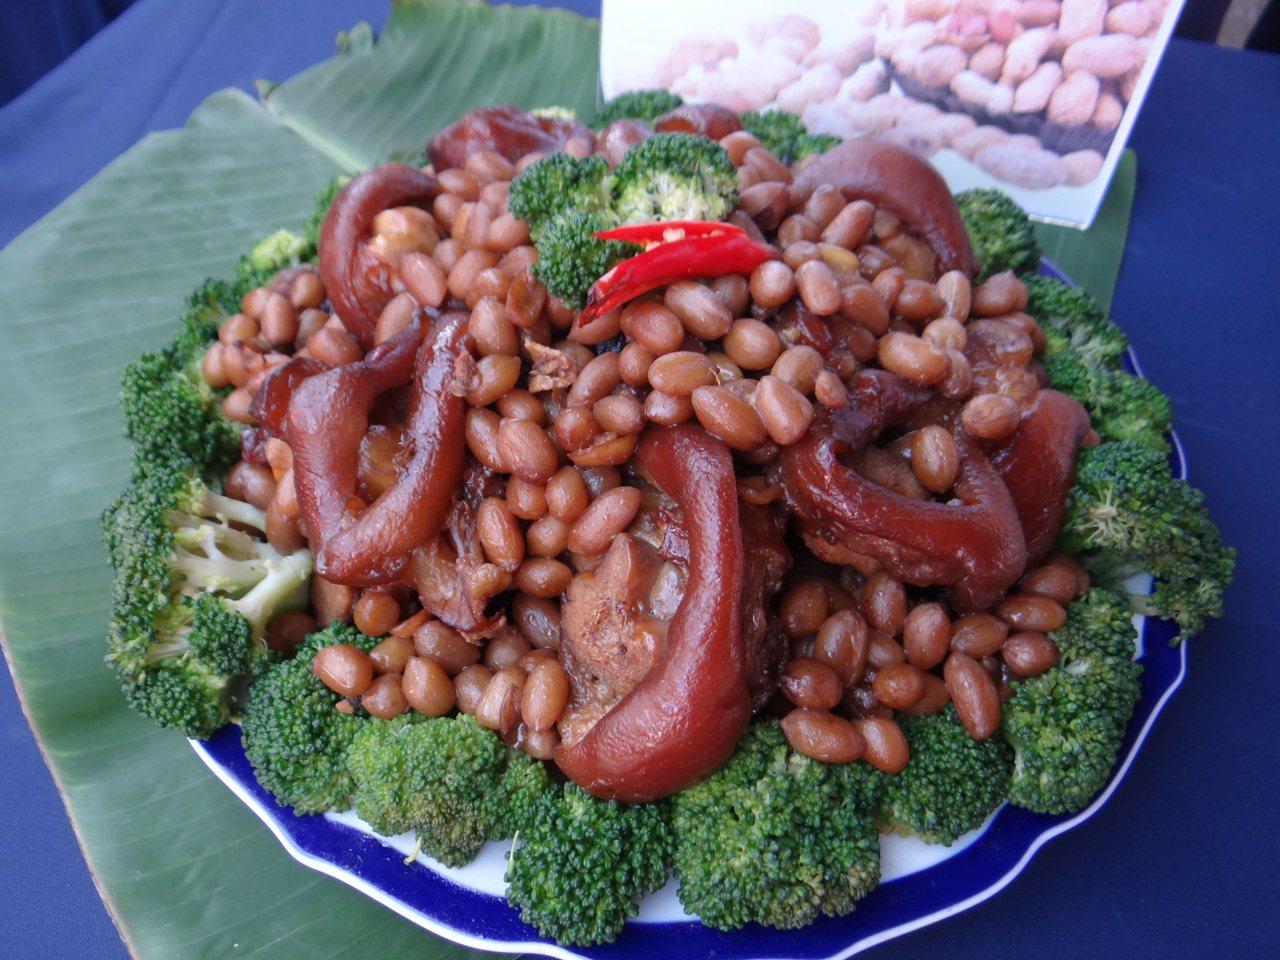 土豆大餐的花生豬腳風味絕佳。記者蔡維斌/攝影